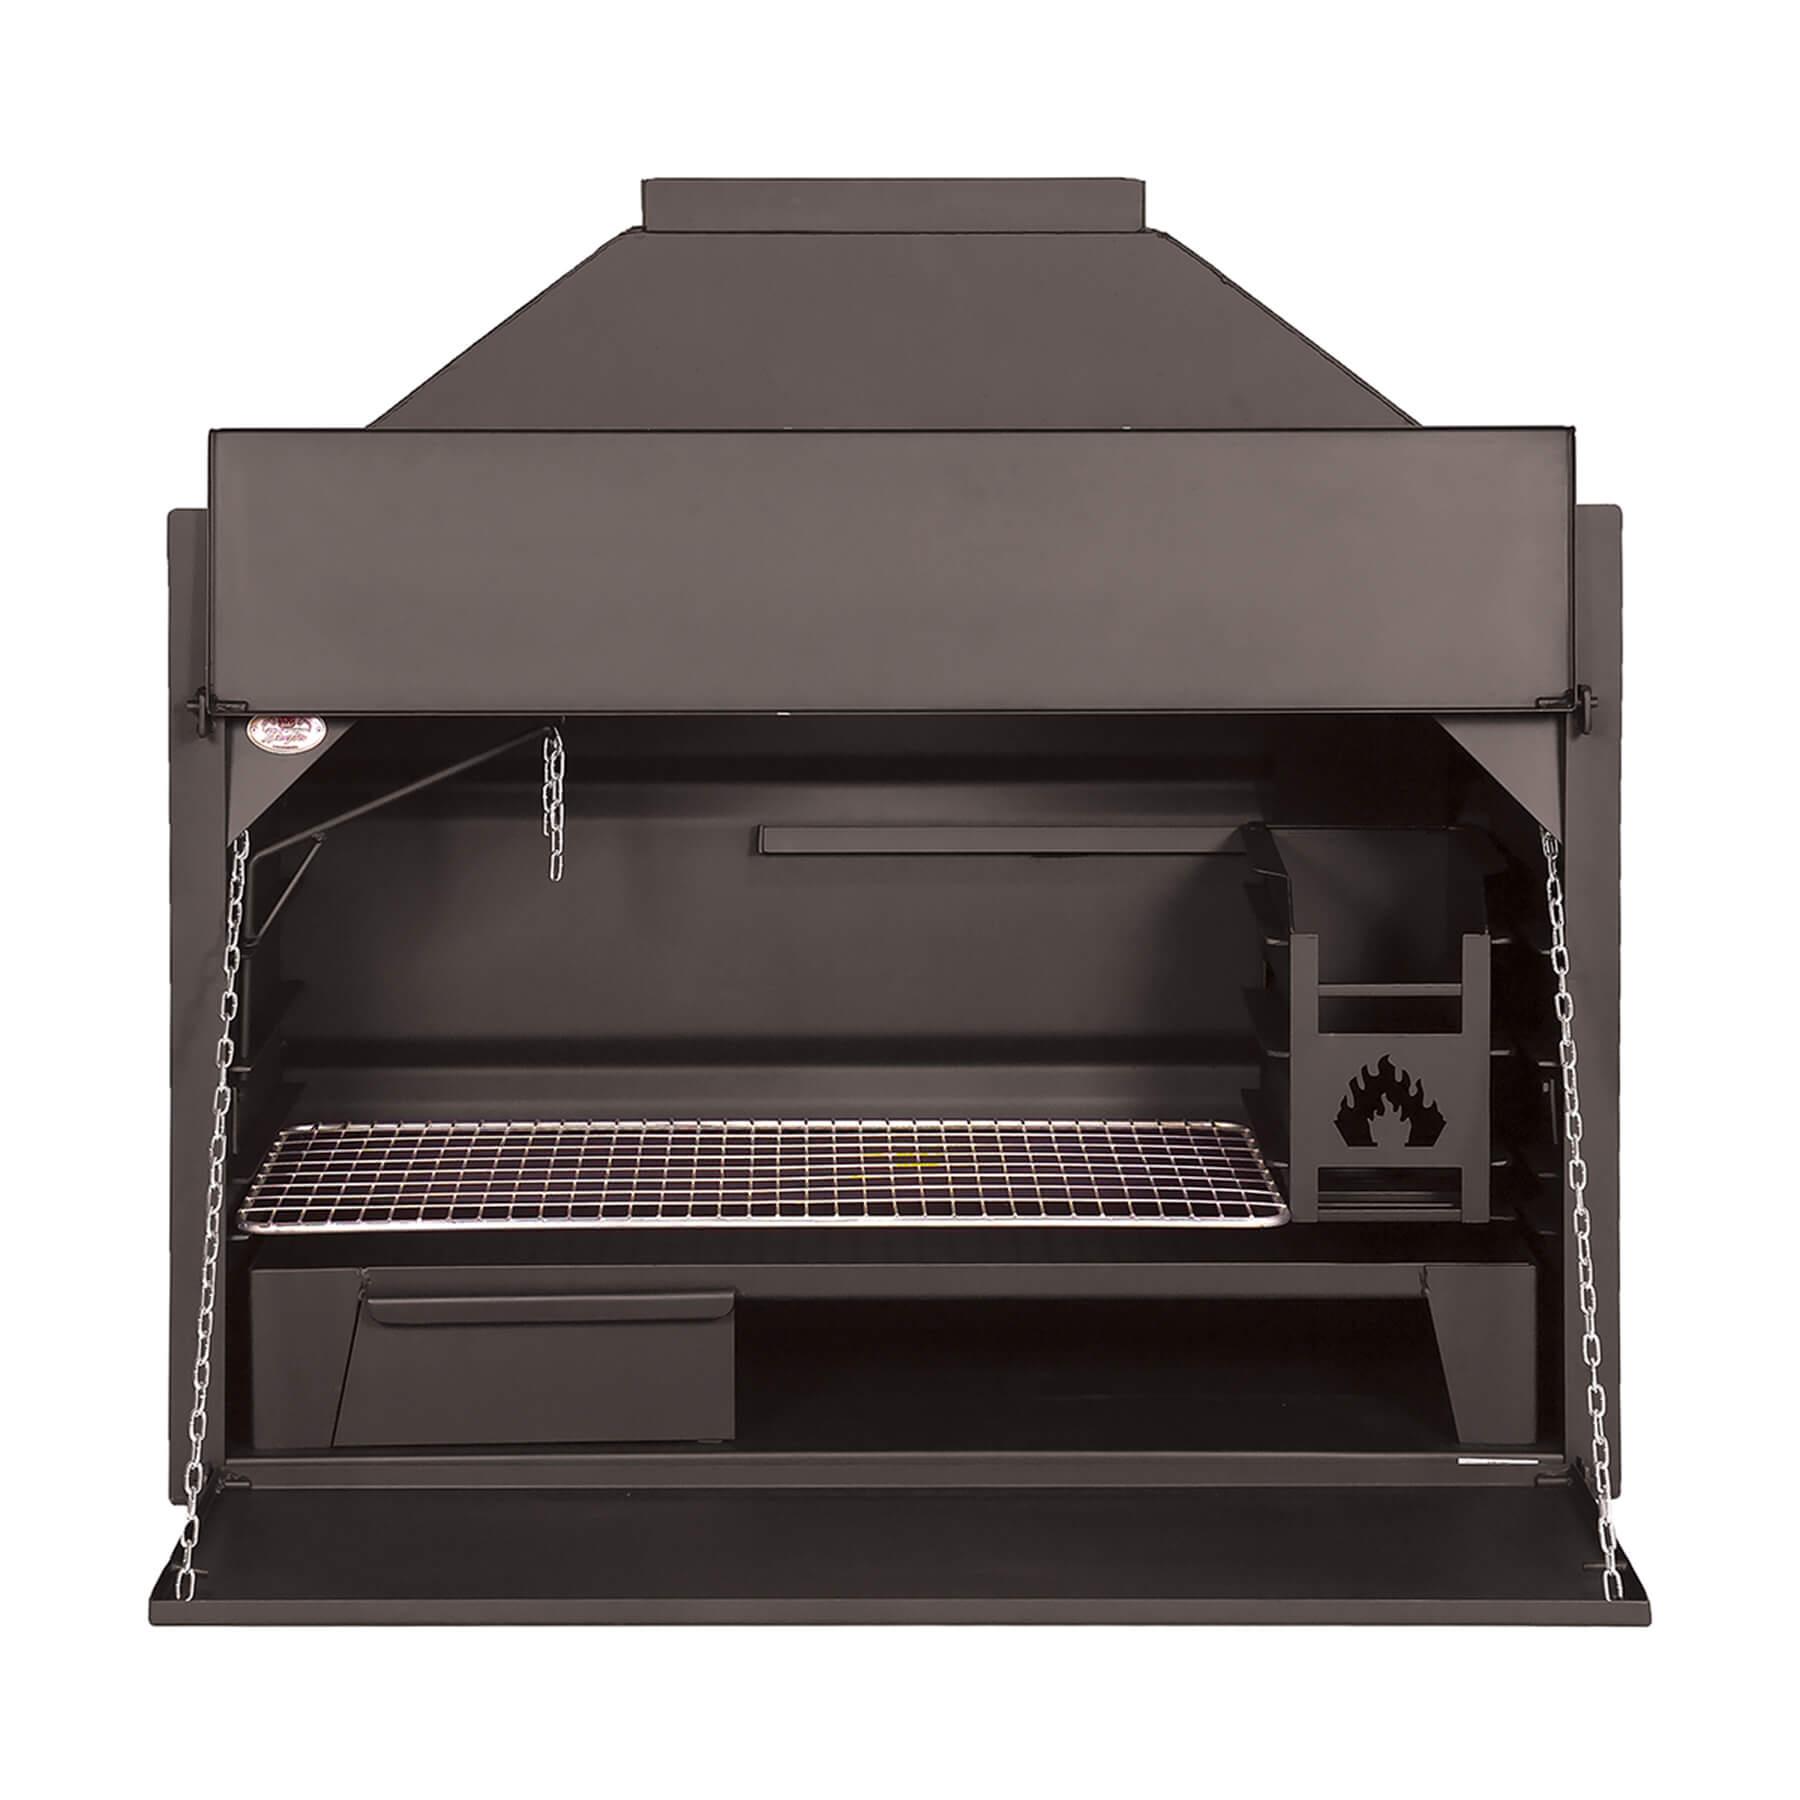 Home-Fires-Braais-Built-In-1000-De-Lux